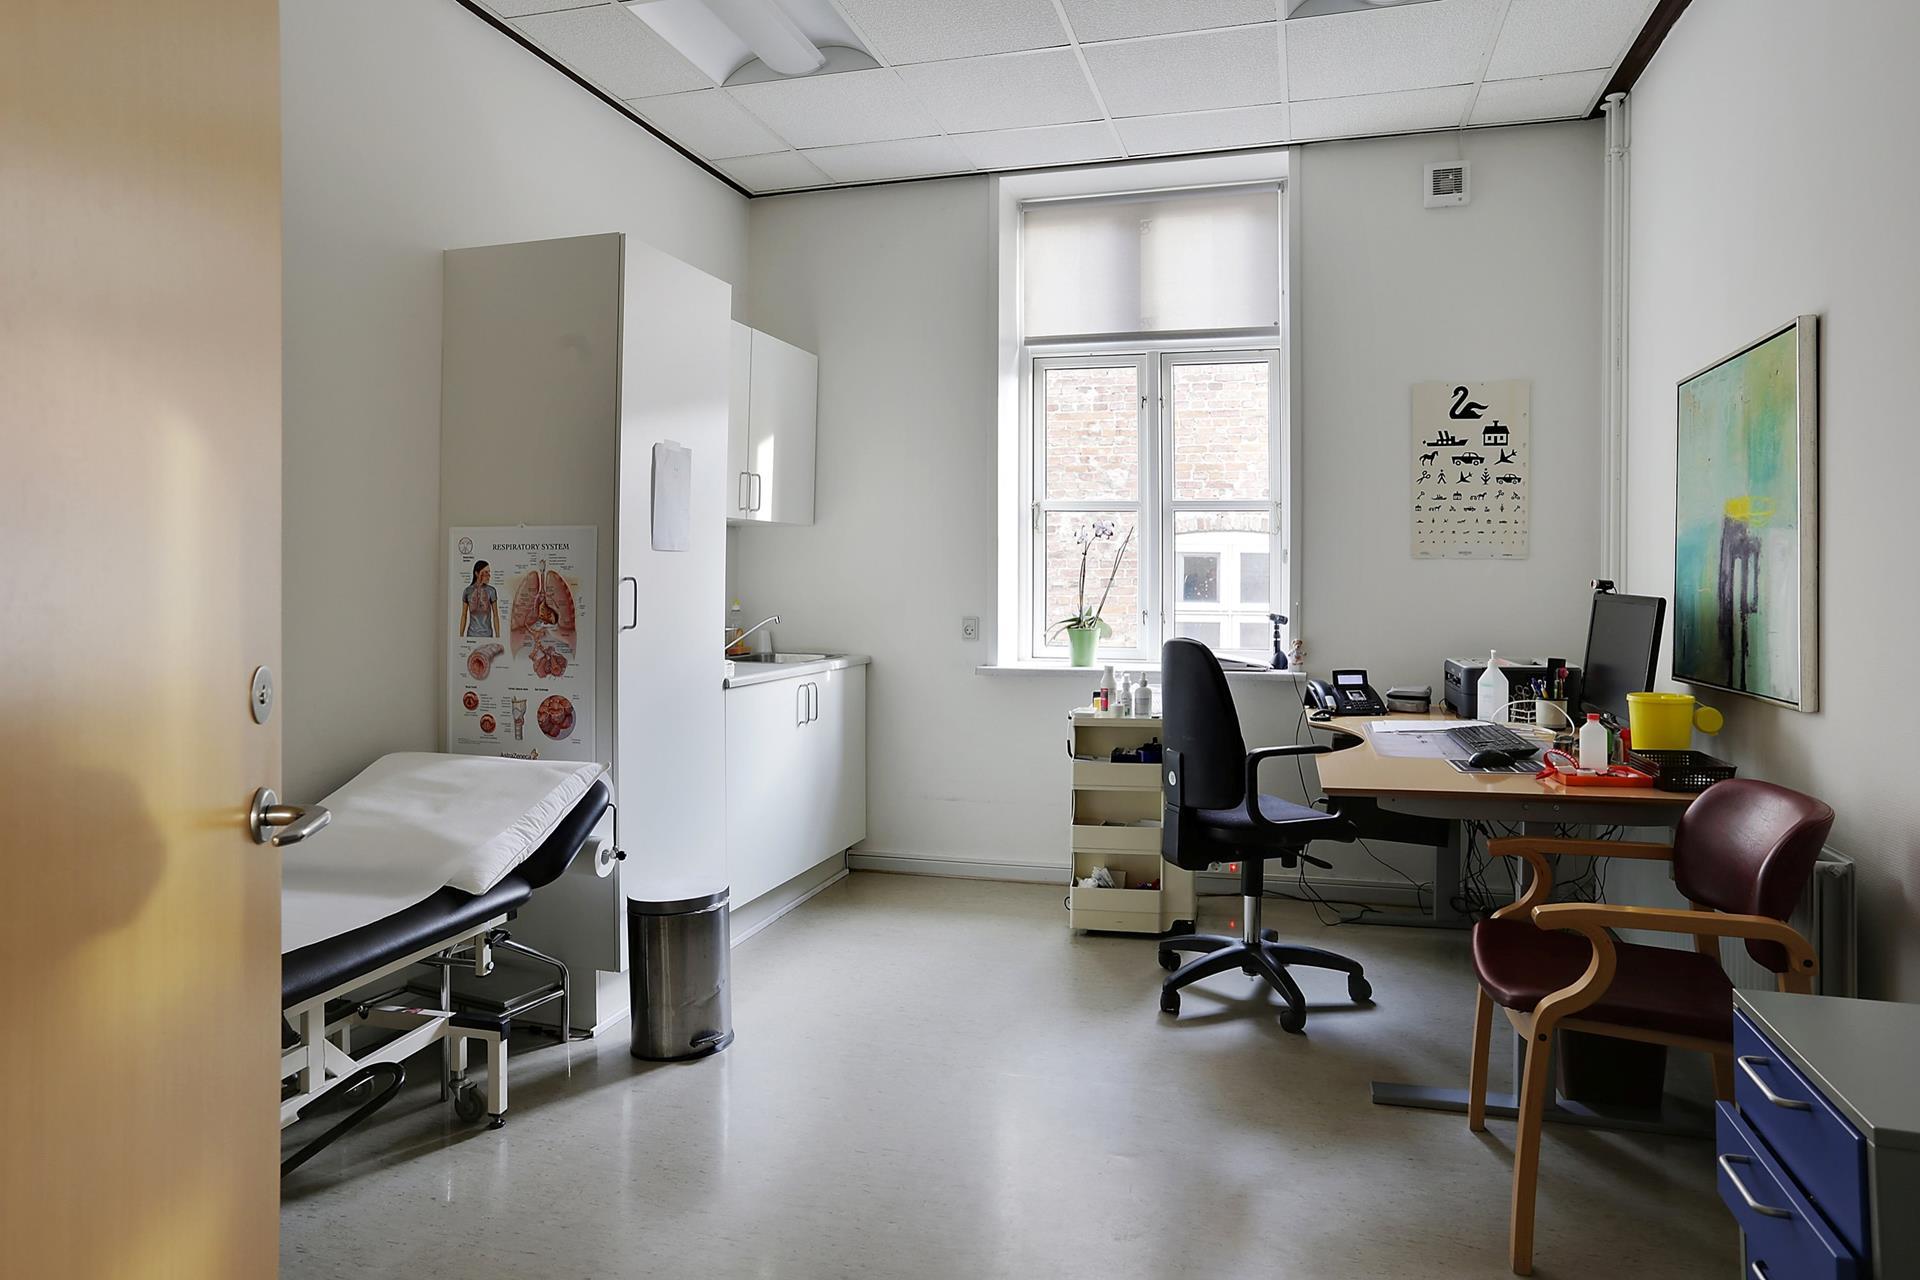 Bolig/erhverv på Nørregade i Haderslev - Kontor